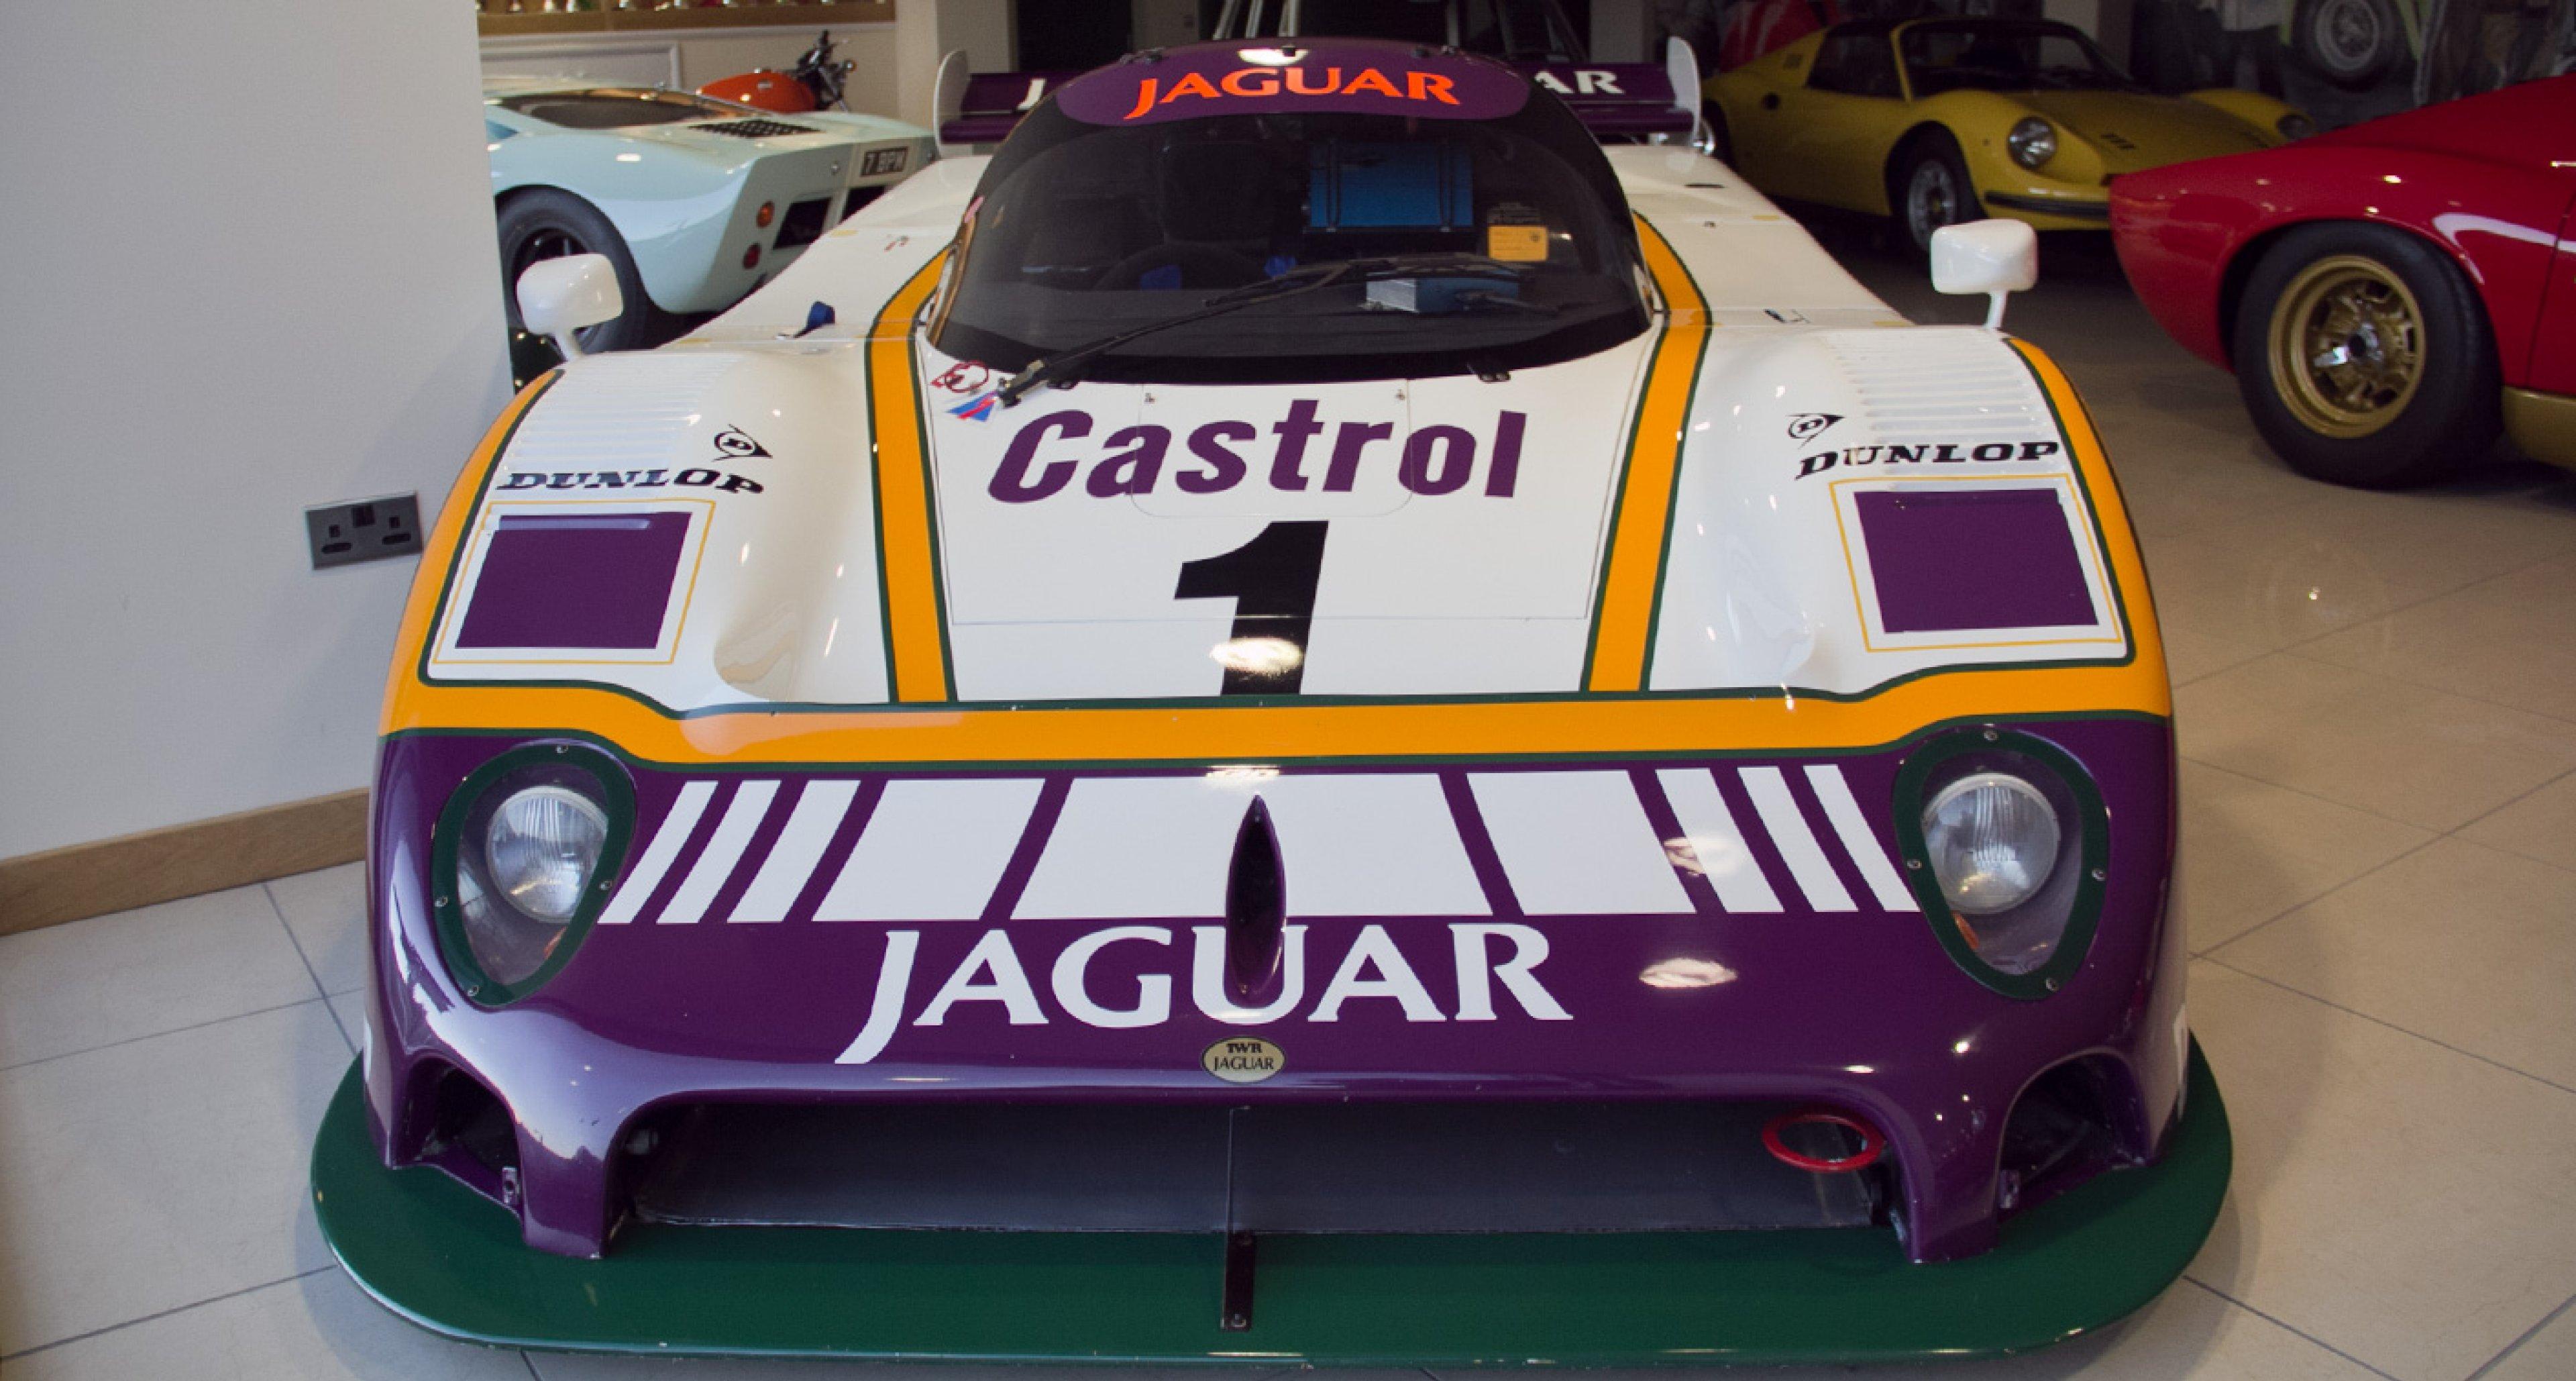 Jaguar XJR-9 Group C